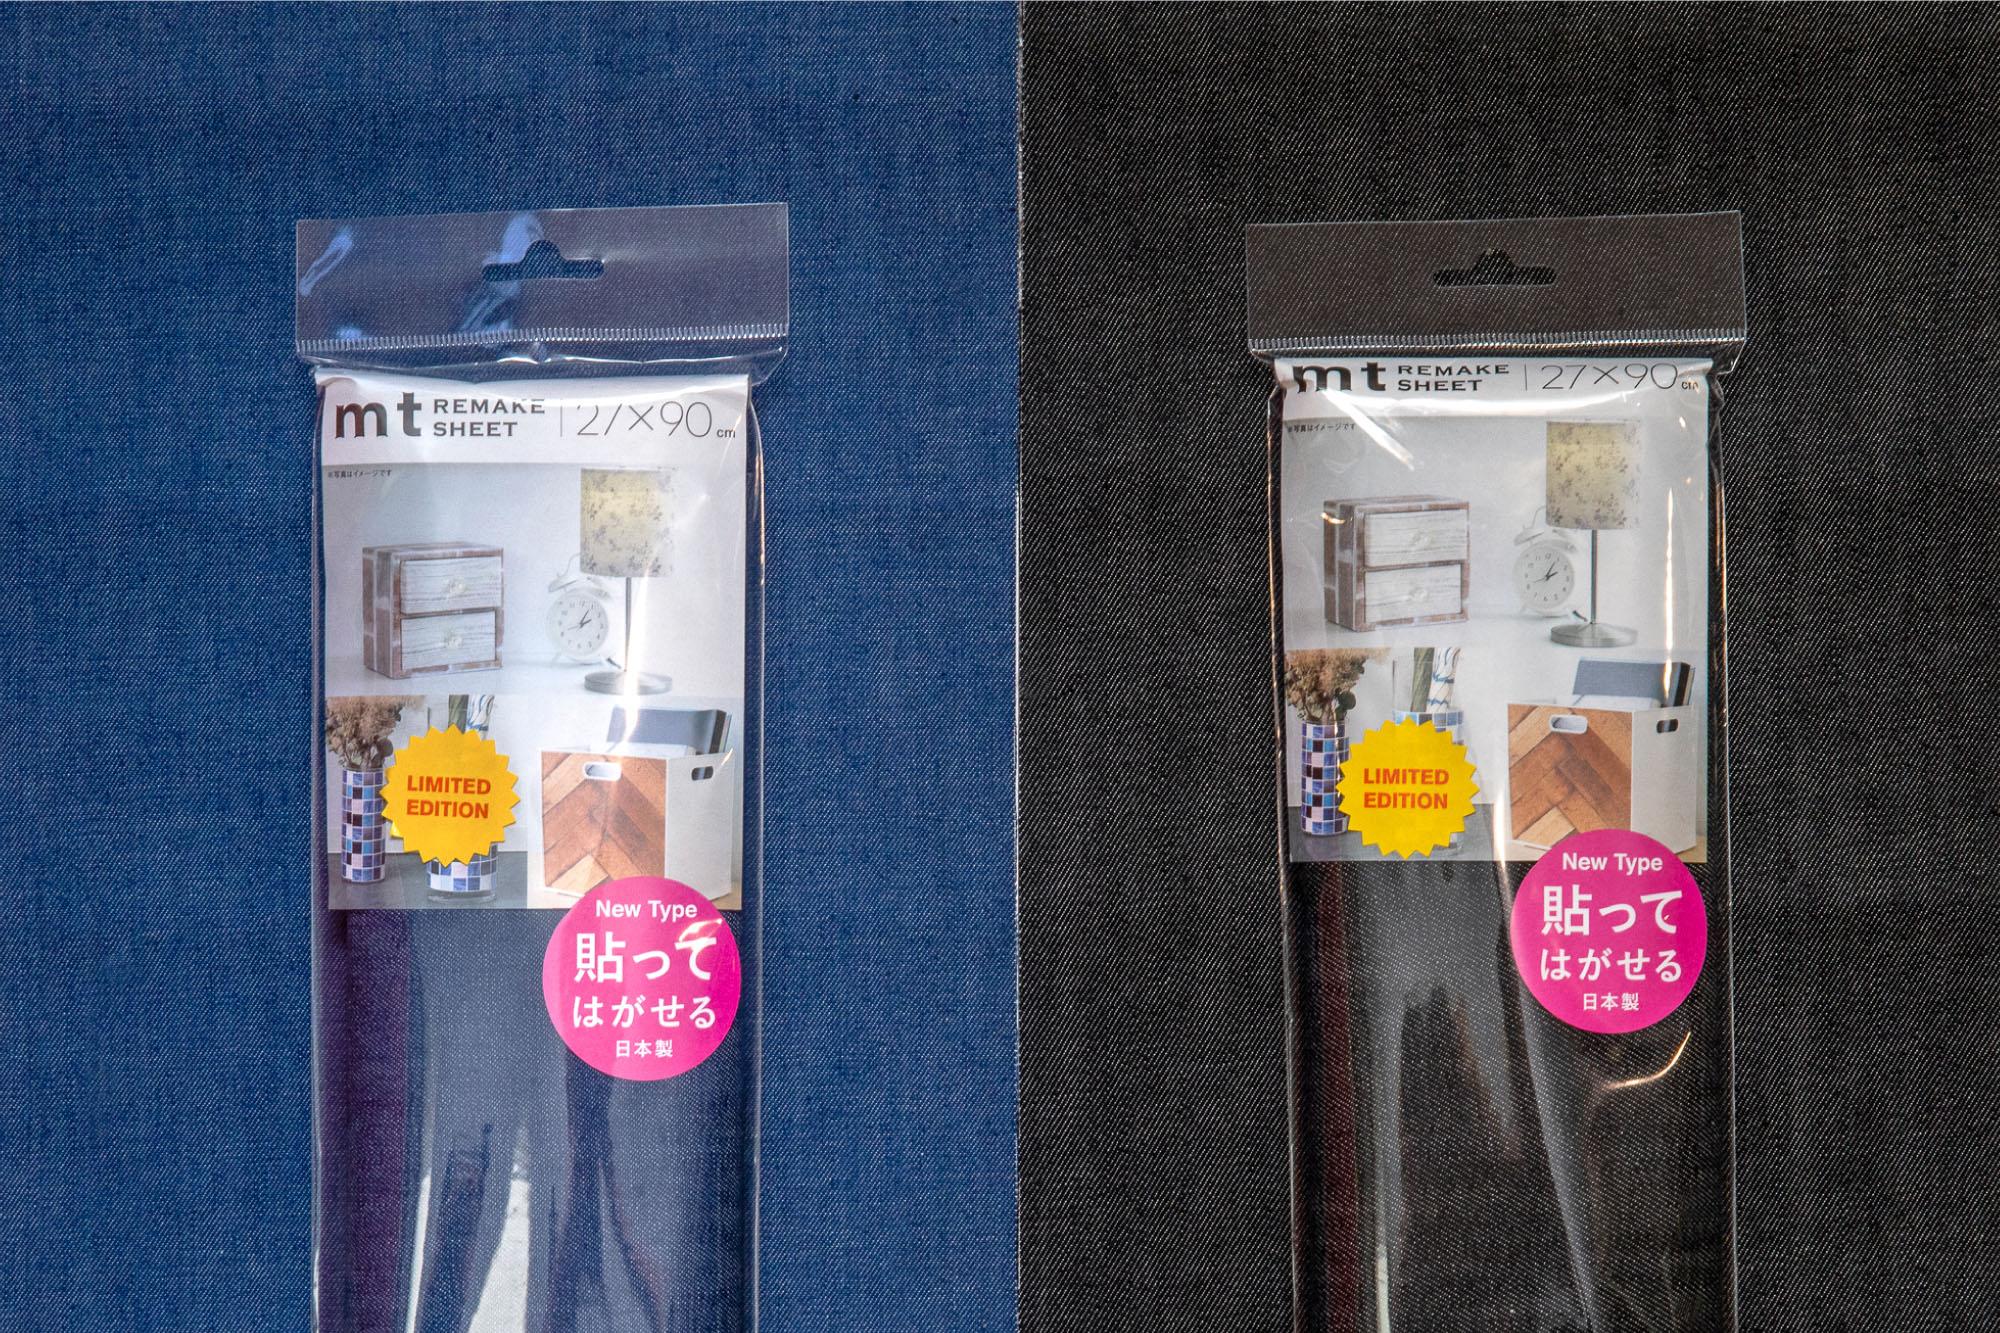 kiosk2021_2.jpg